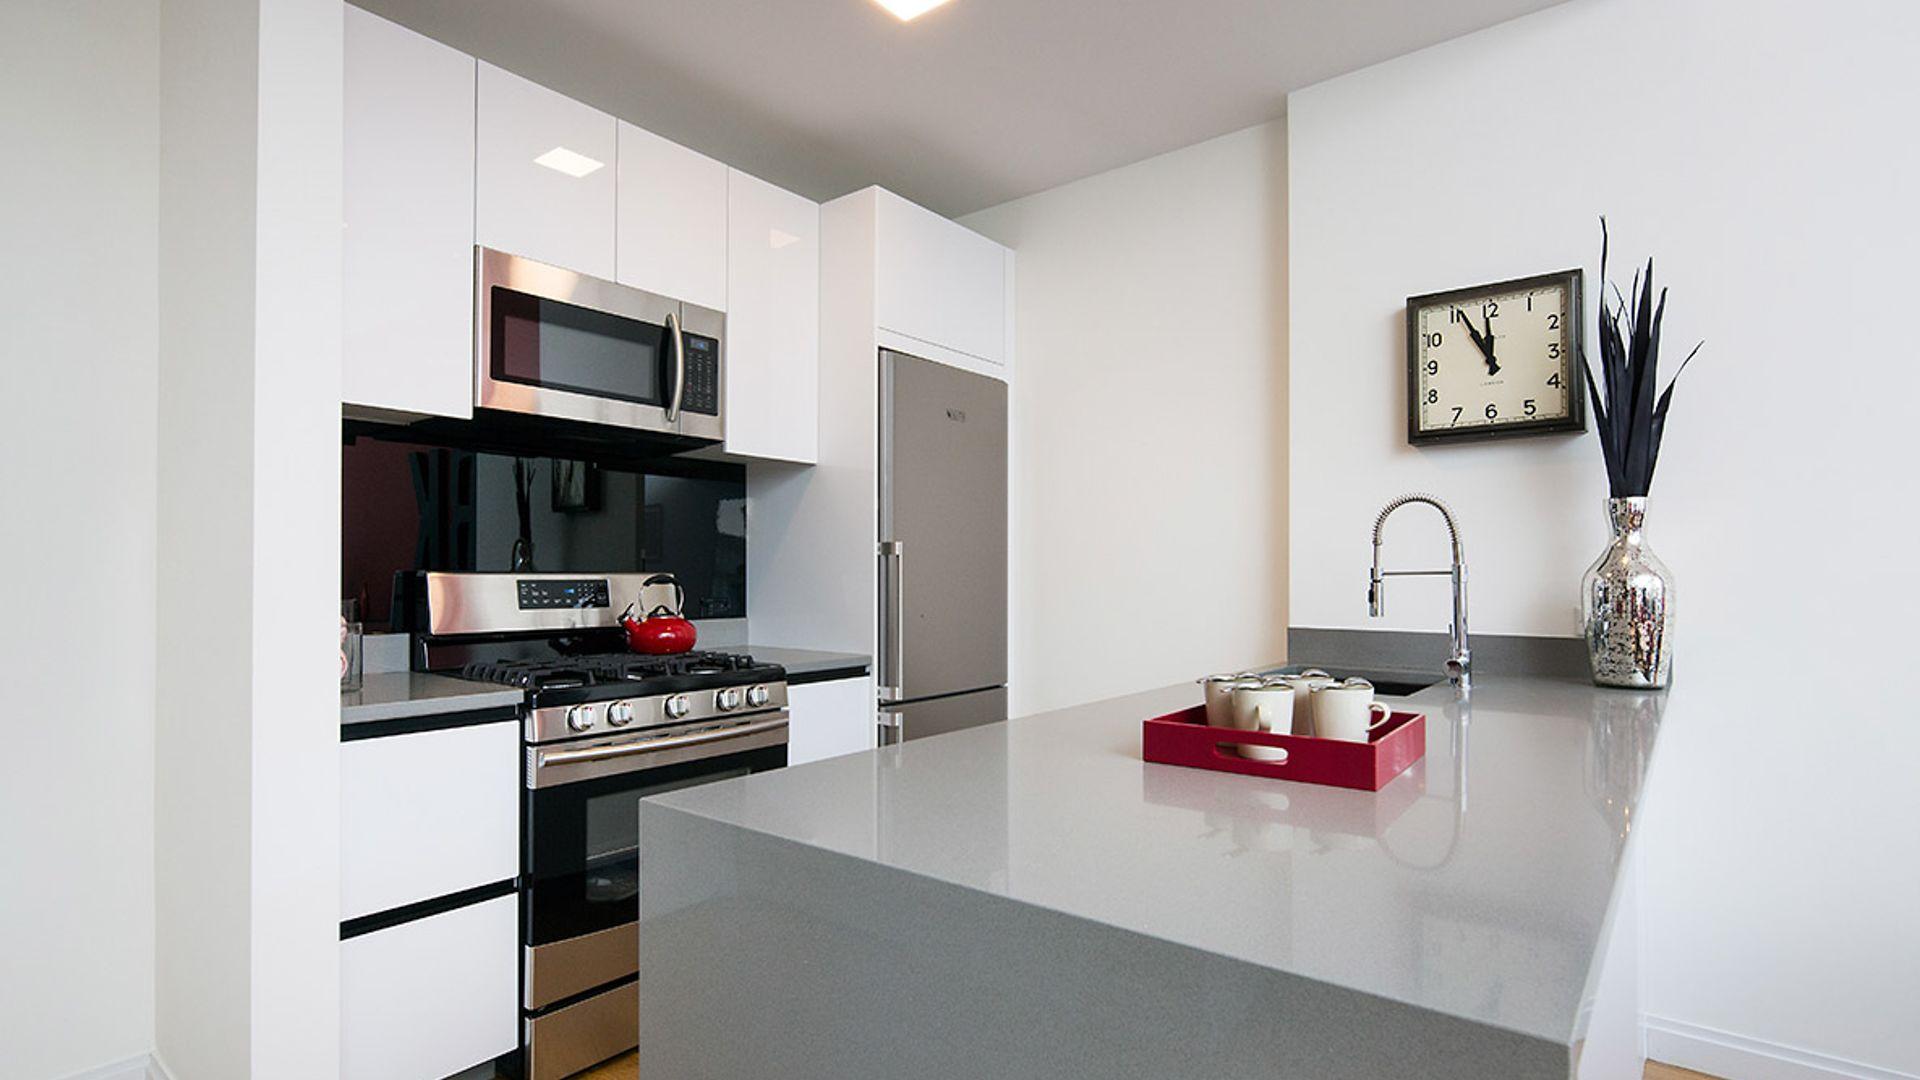 Atelier Apartments - Kitchen